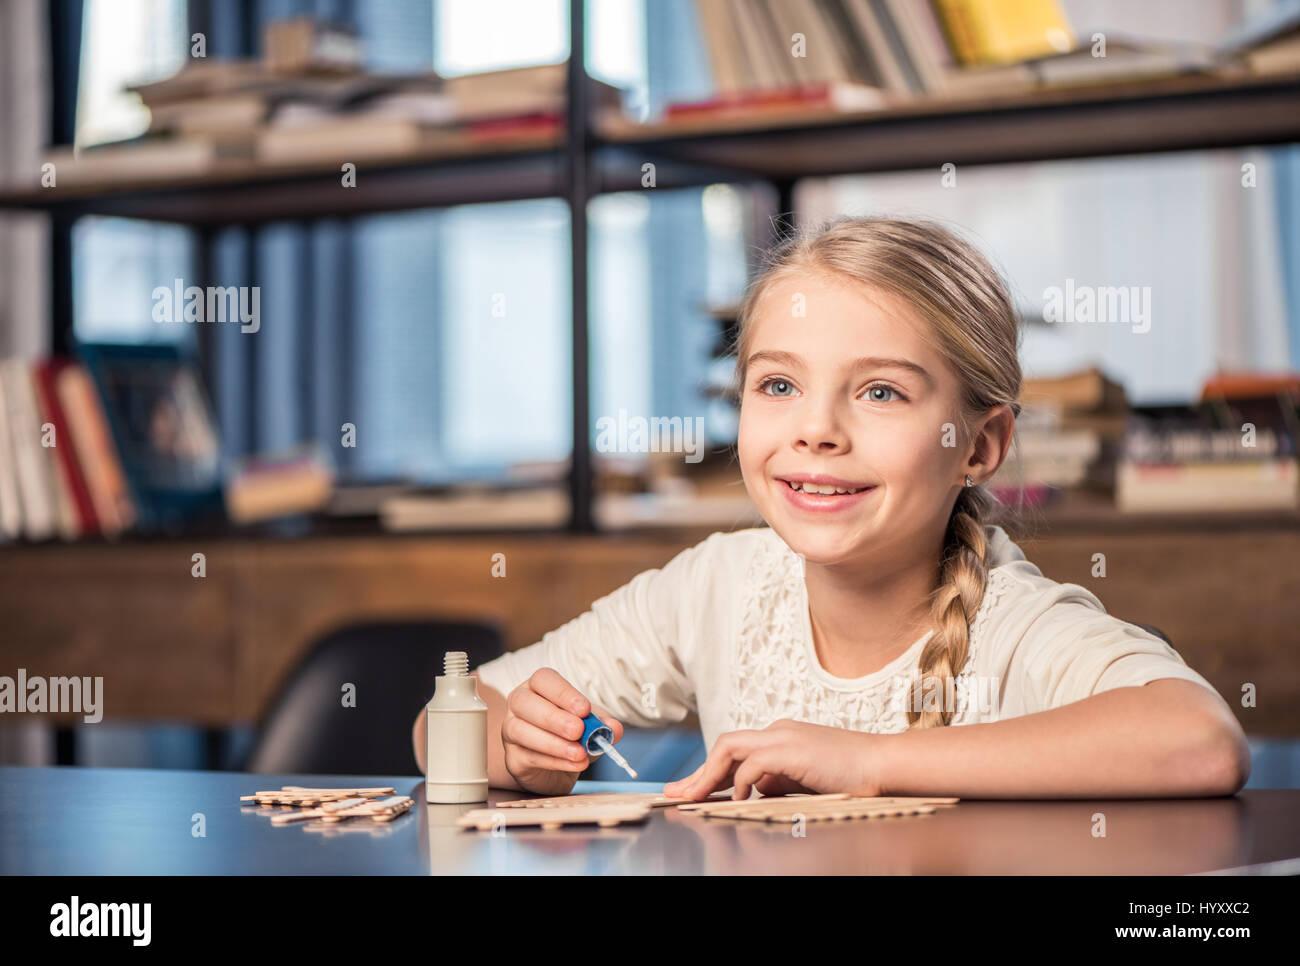 Niña sonriente artesanal con palitos de helados y cola Imagen De Stock